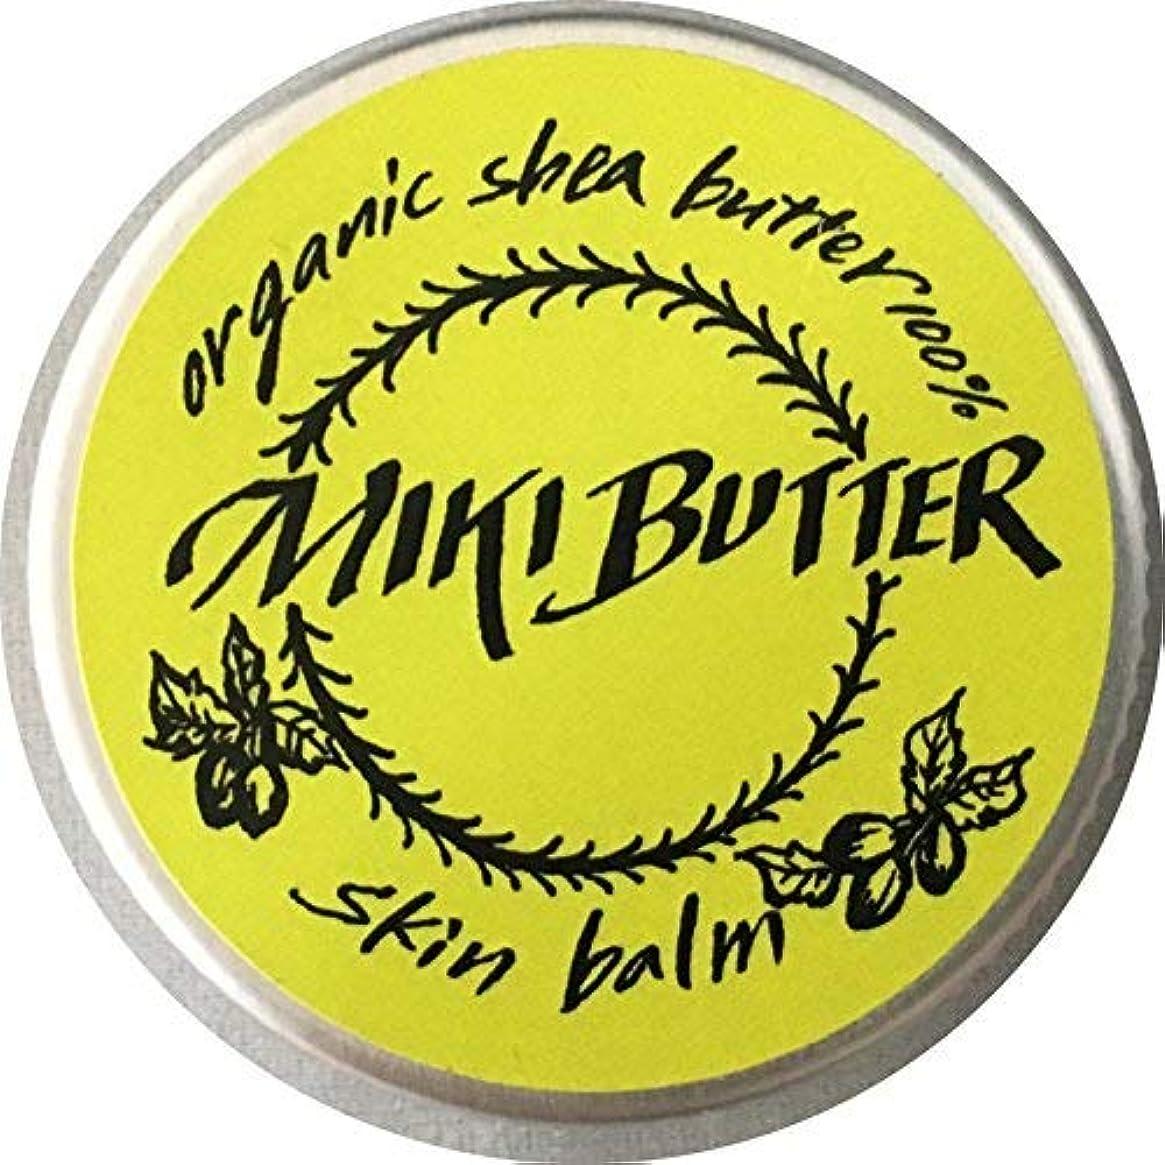 ハンバーガーガウンタイピスト100% 天然 未精製シアバター ミキバター (パール柑, 15)